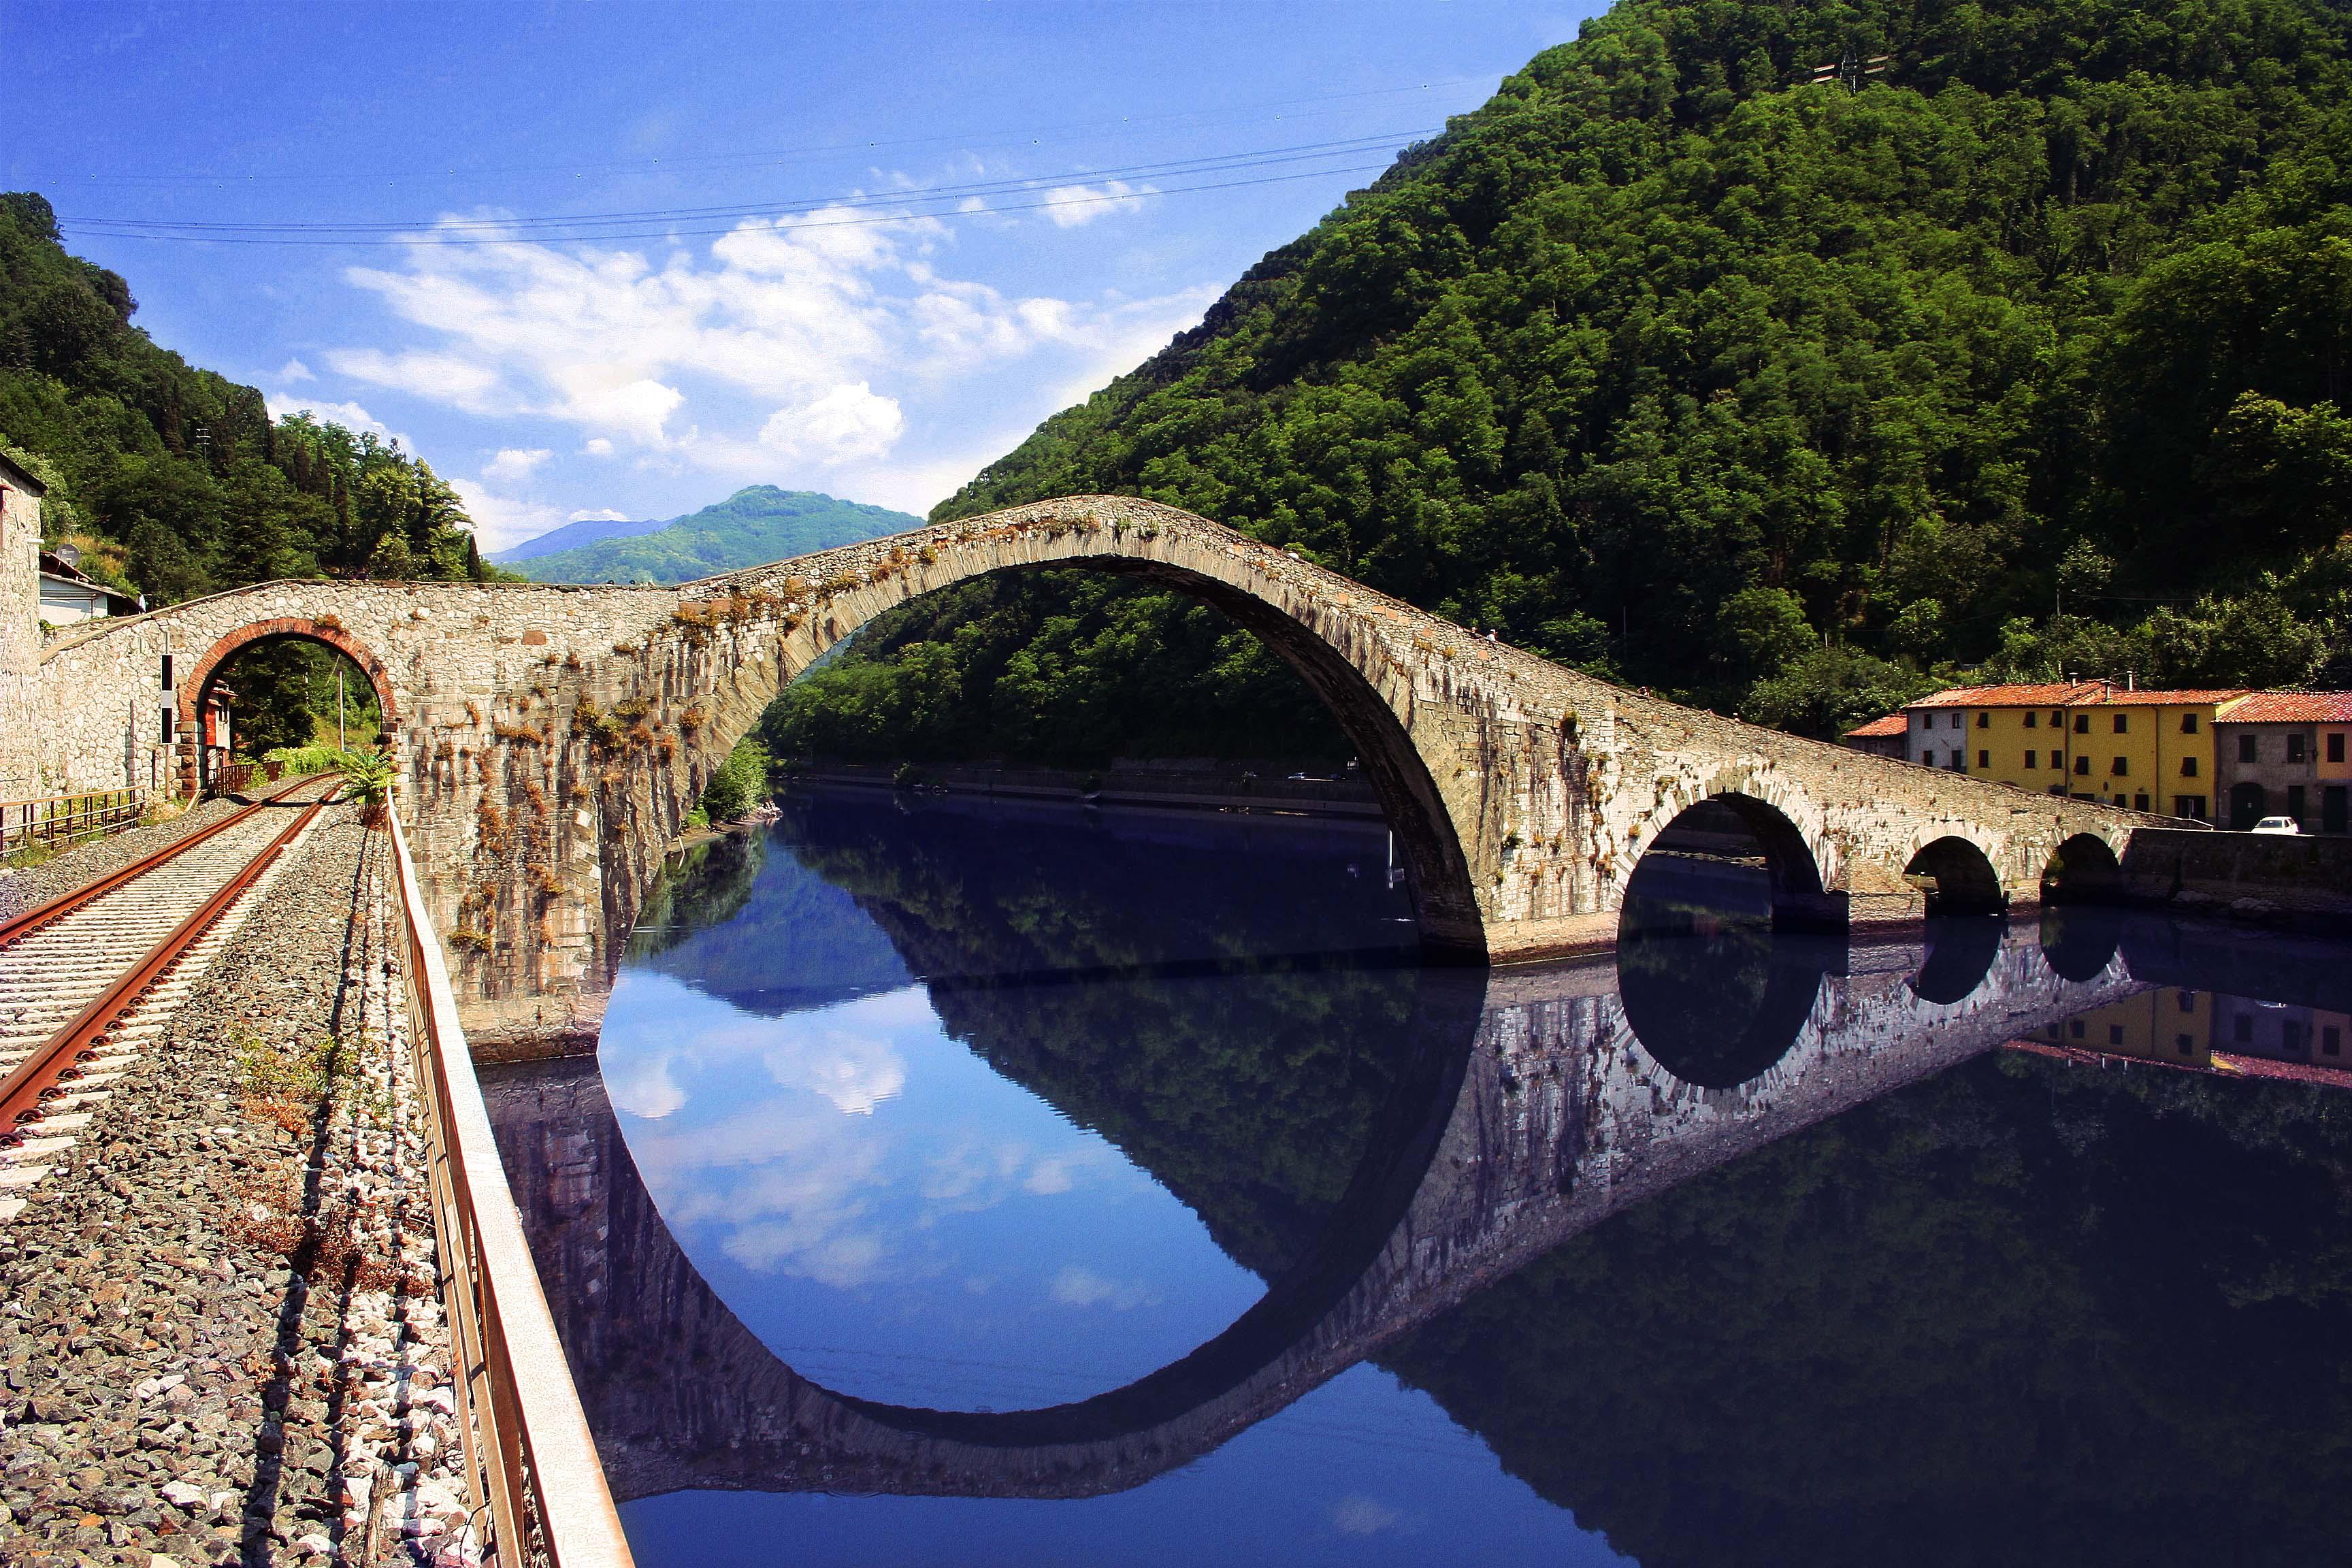 Borgo a mozzano nuova redazione per il ponte del for Piani di fondazione del ponte